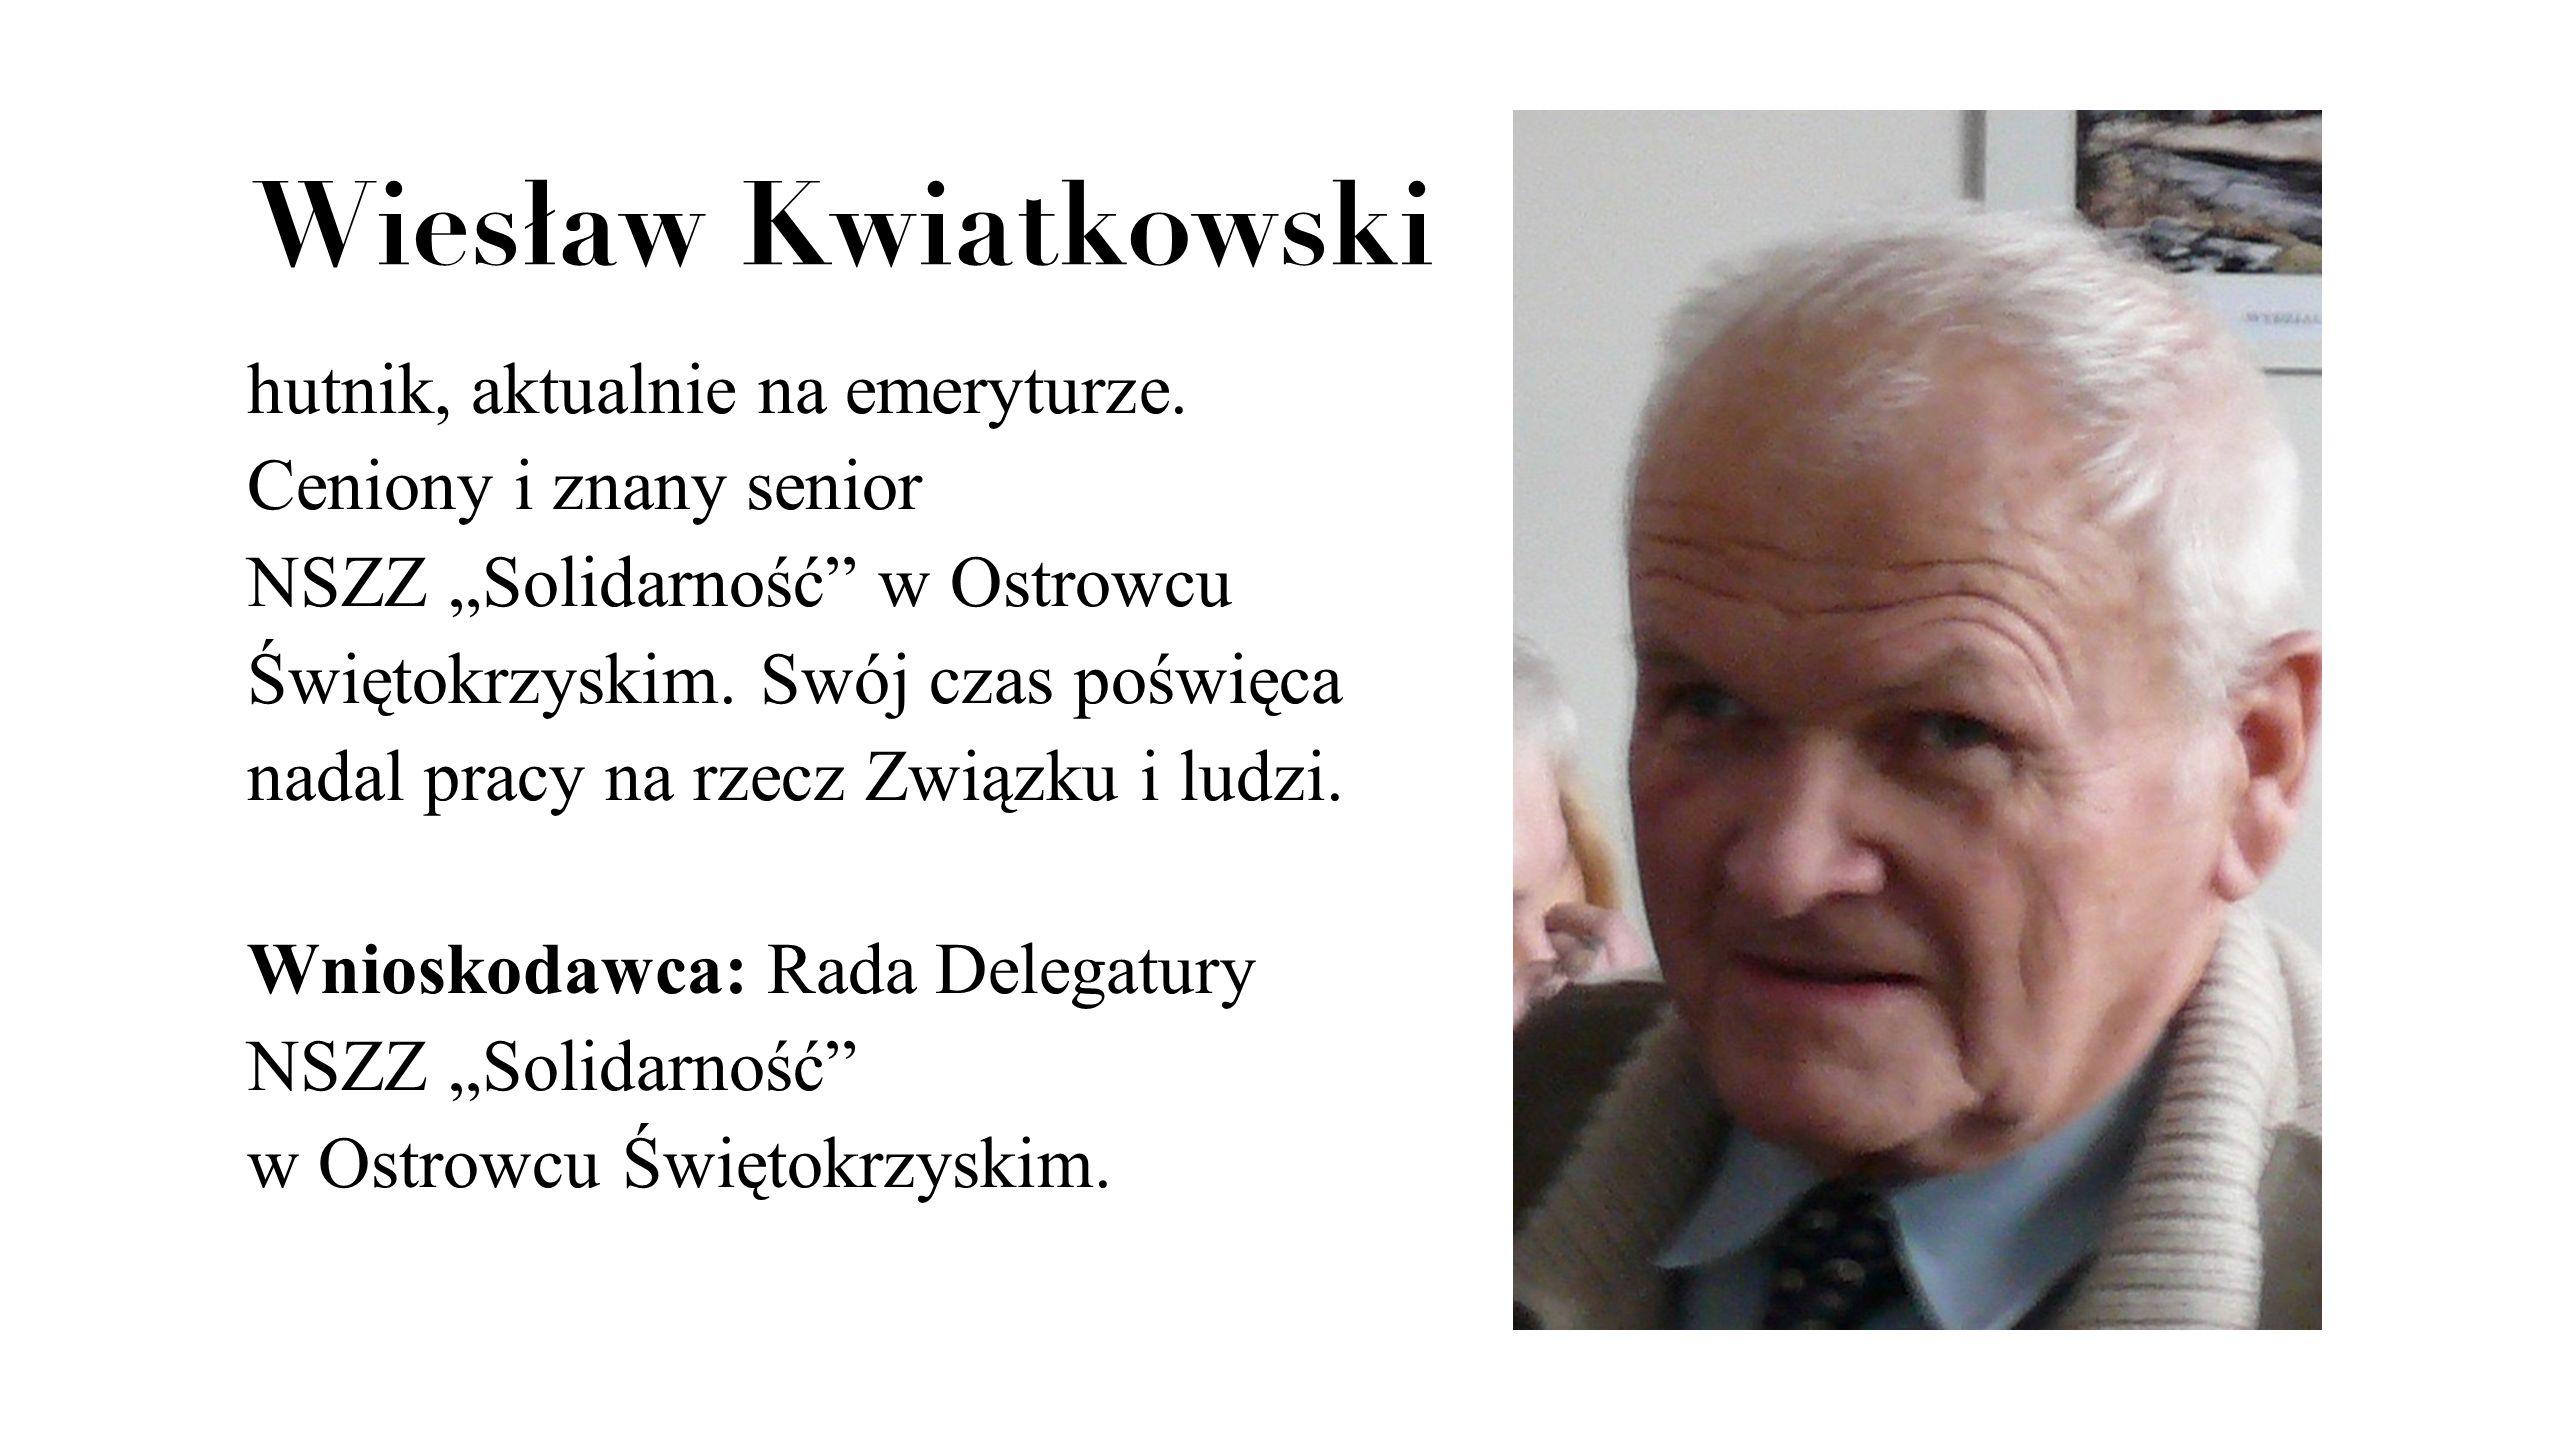 """Wiesław Kwiatkowski hutnik, aktualnie na emeryturze. Ceniony i znany senior NSZZ """"Solidarność"""" w Ostrowcu Świętokrzyskim. Swój czas poświęca nadal pra"""